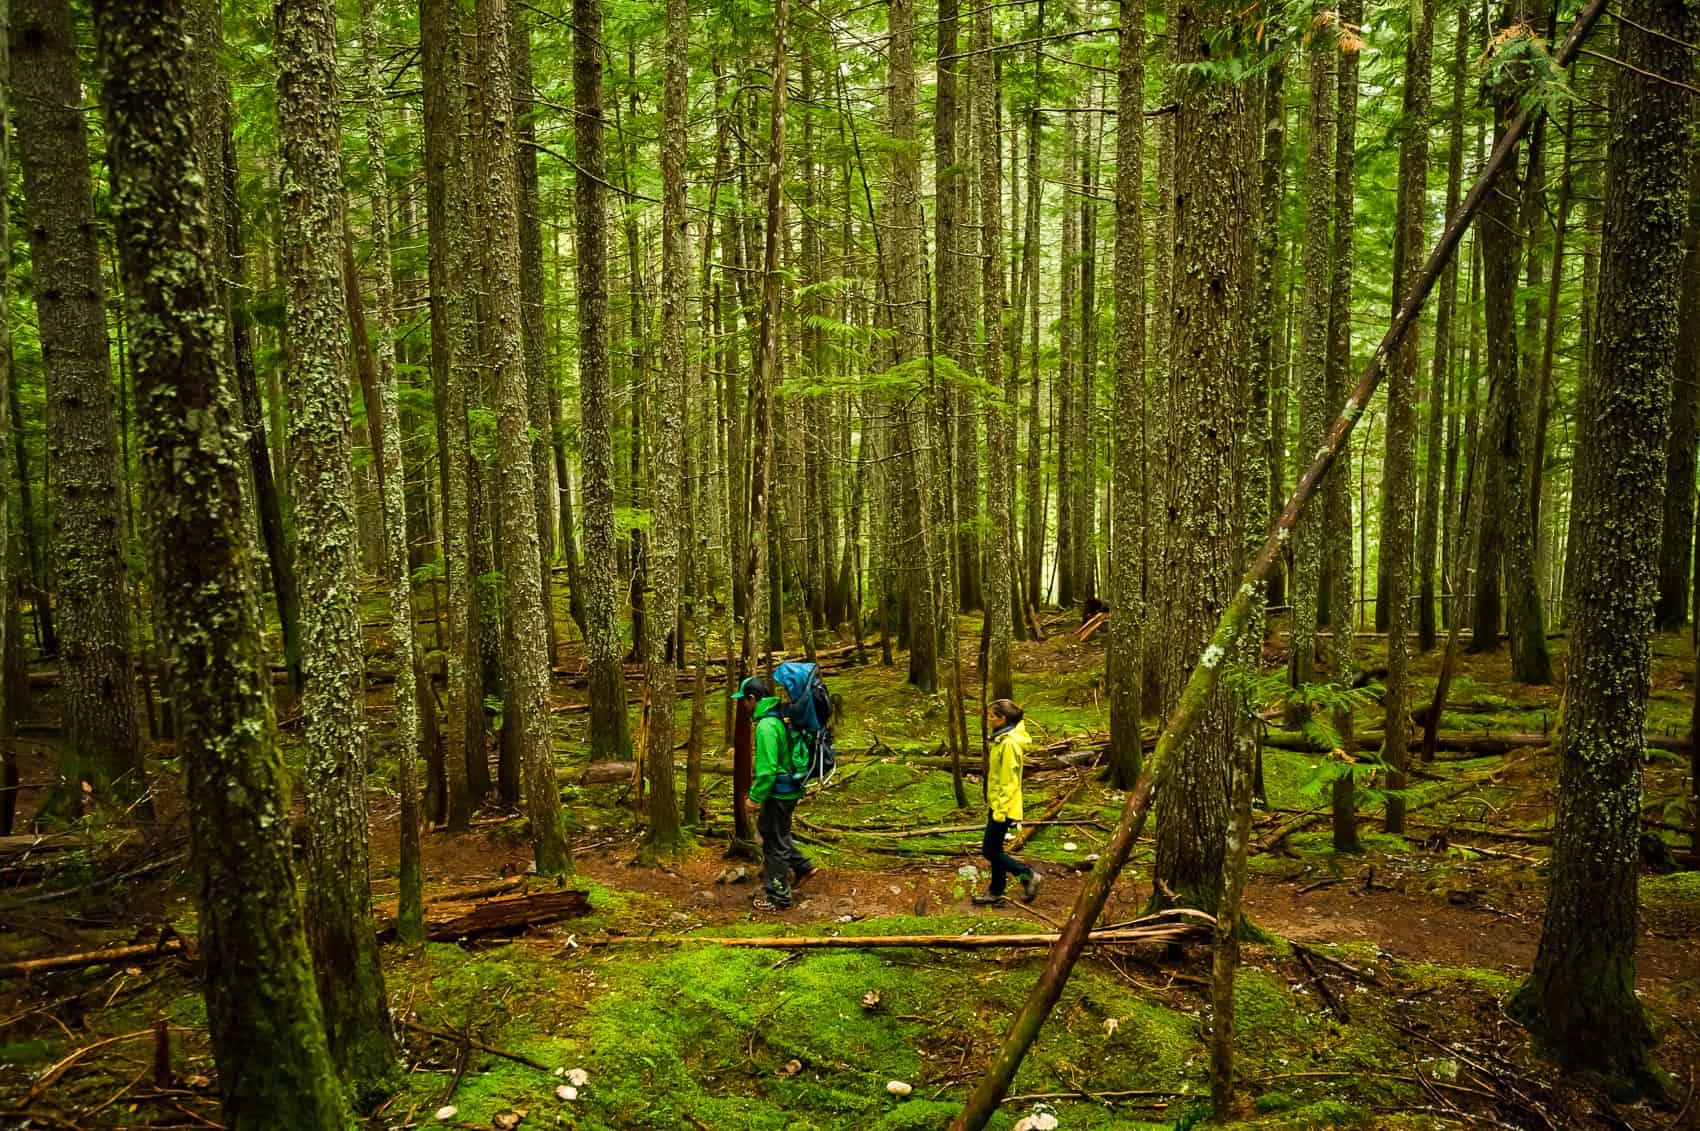 Family hiking in Revelstoke rainforest